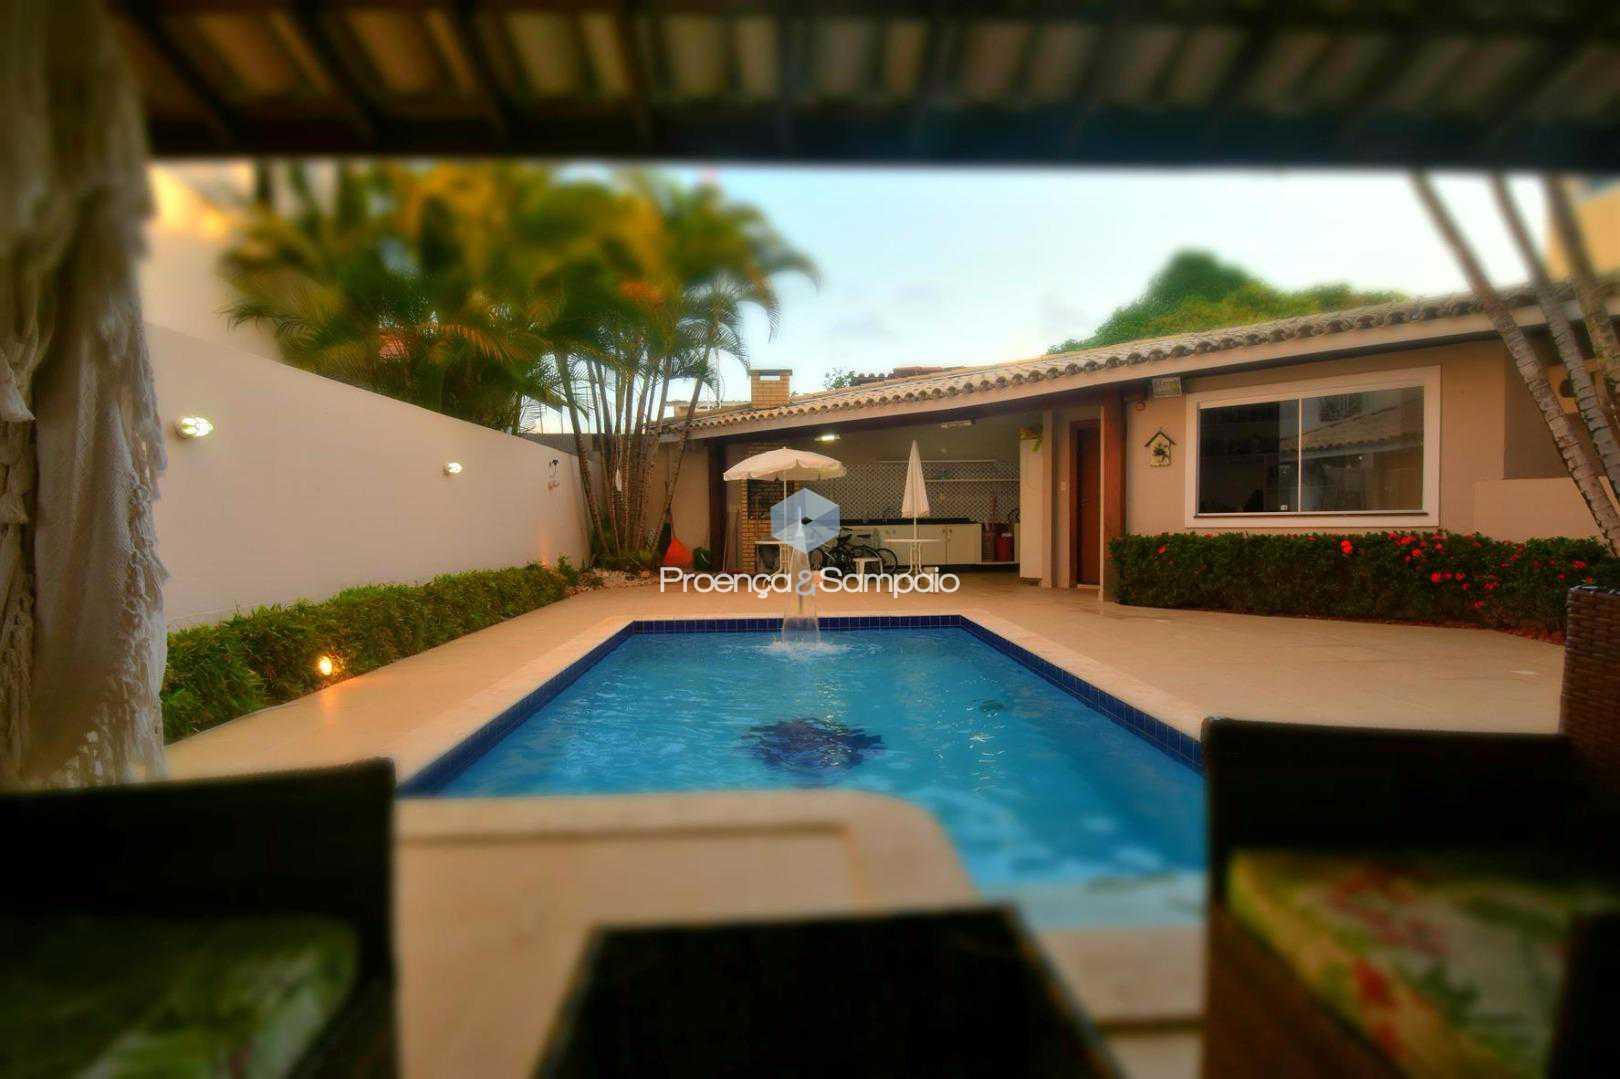 FOTO3 - Casa em Condomínio 4 quartos à venda Lauro de Freitas,BA - R$ 870.000 - PSCN40007 - 5